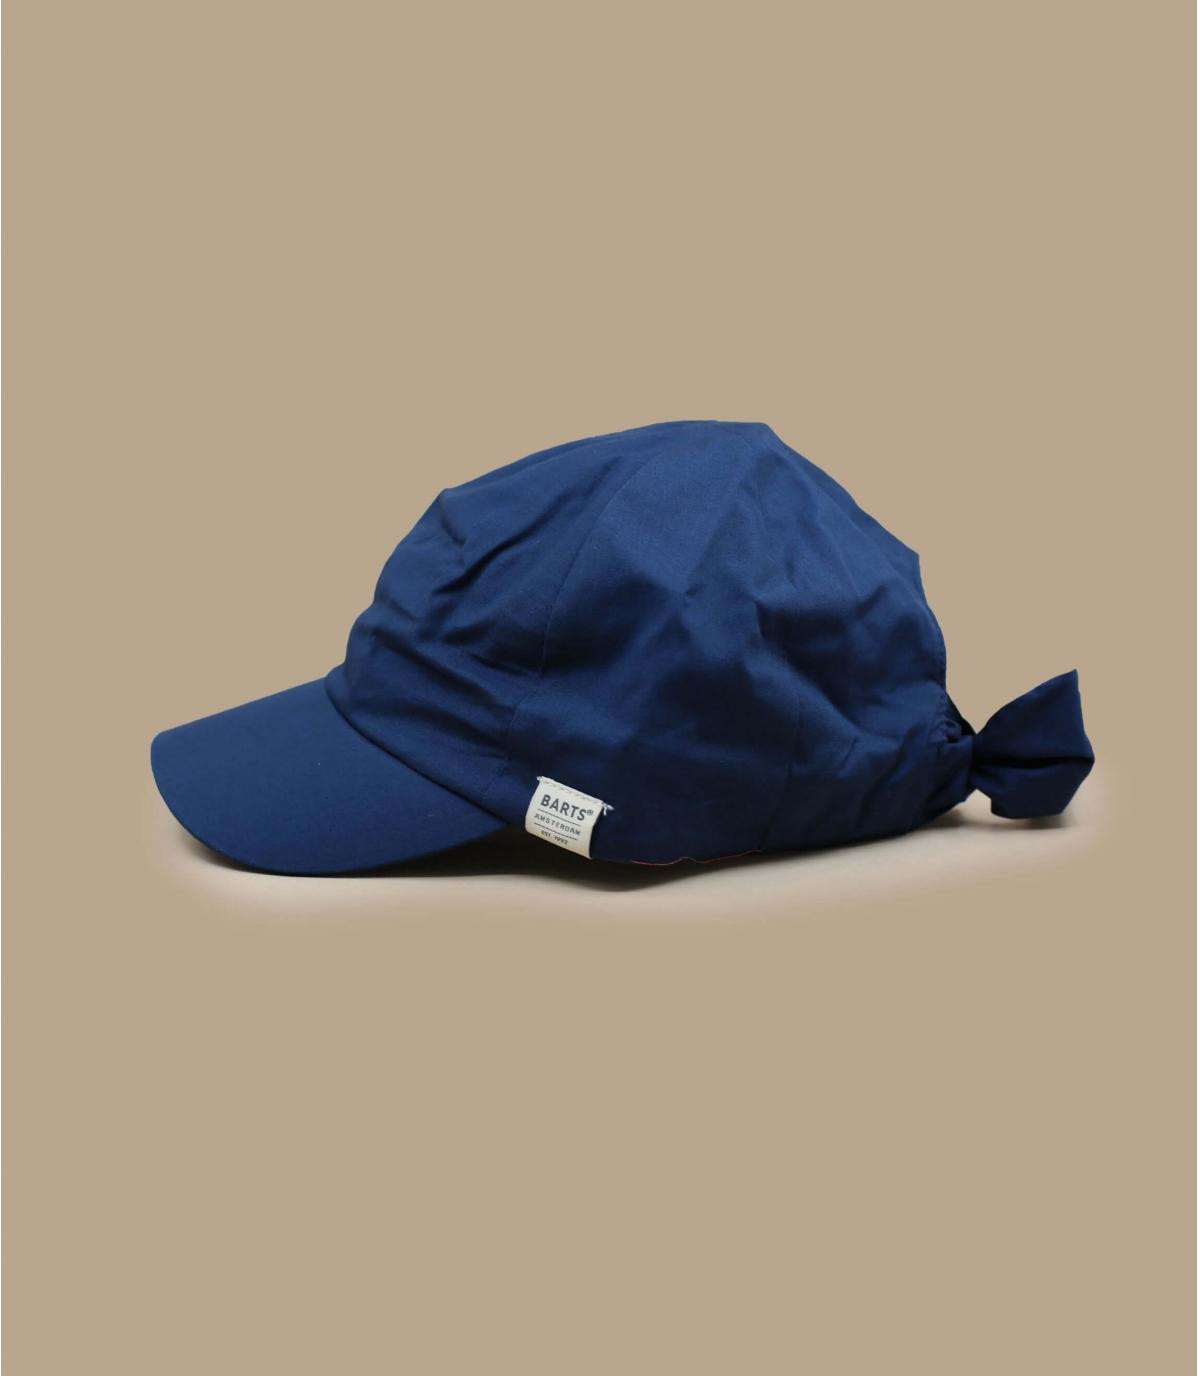 casquette femme bleu marine